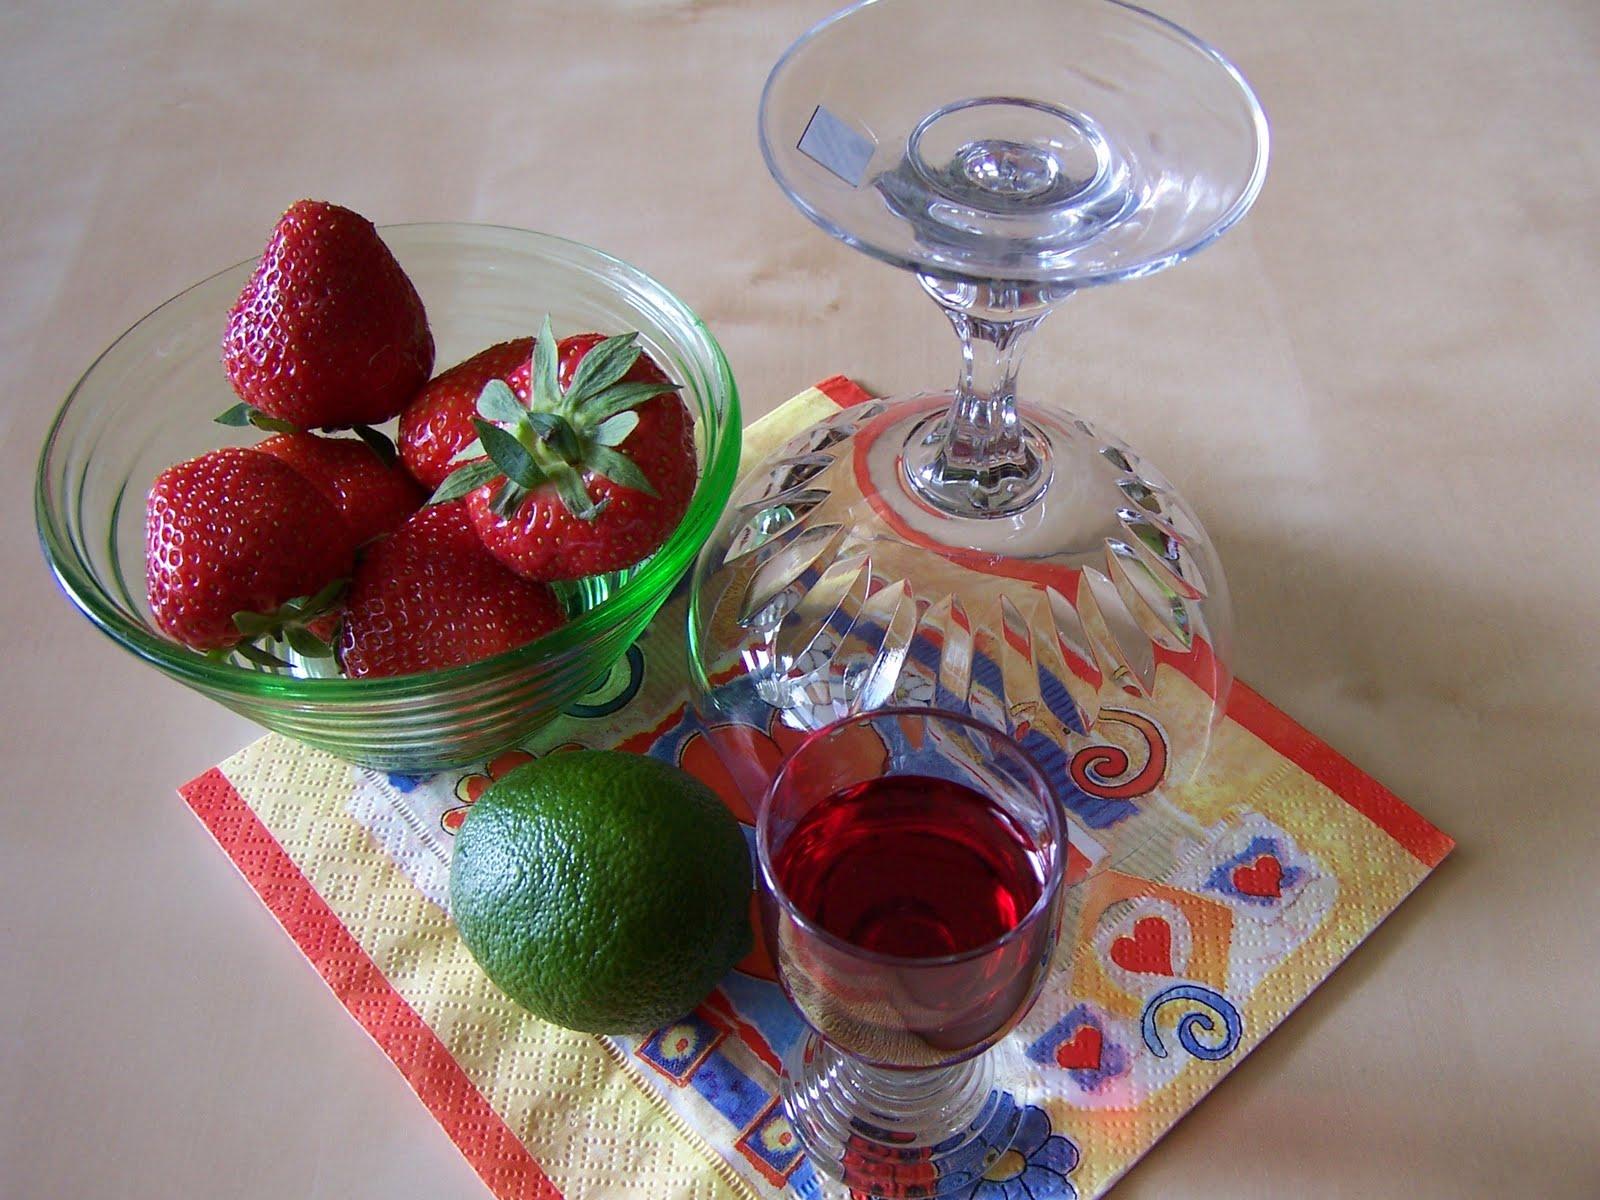 Anspruchsvoll Strawberry Daiquiri Rezept Das Beste Von Zuerst Der Virgin Zutaten: 6 Erdbeeren 1